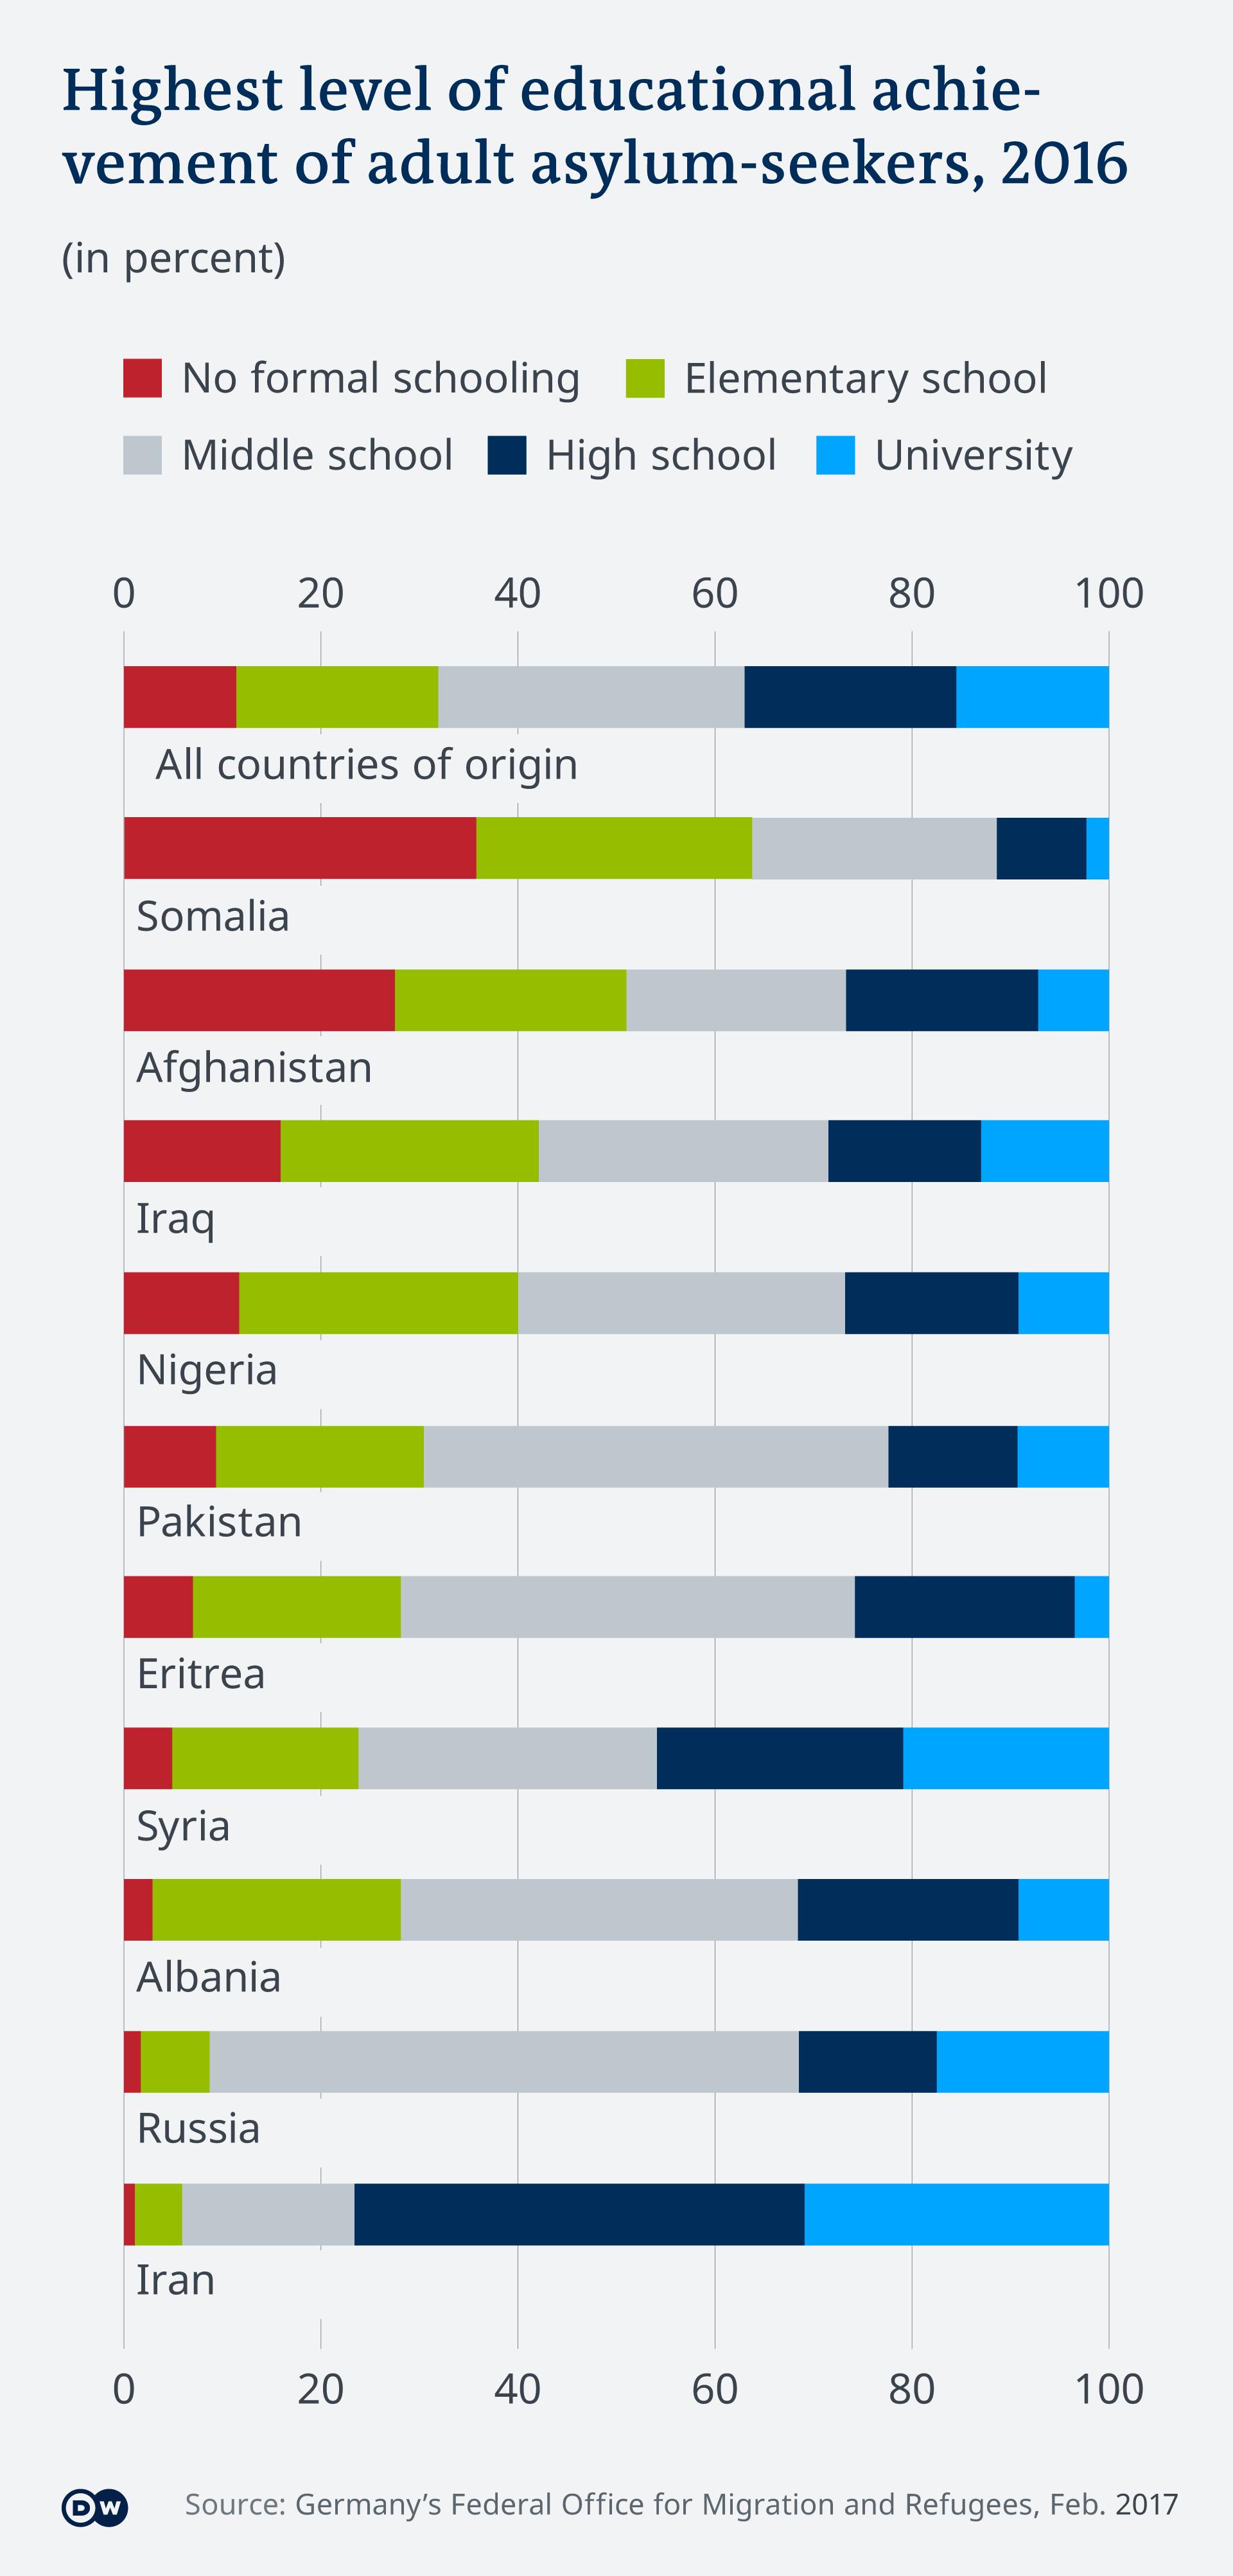 Grafik tingkat pendidikan pencari suaka berdasarkan negara asalnya